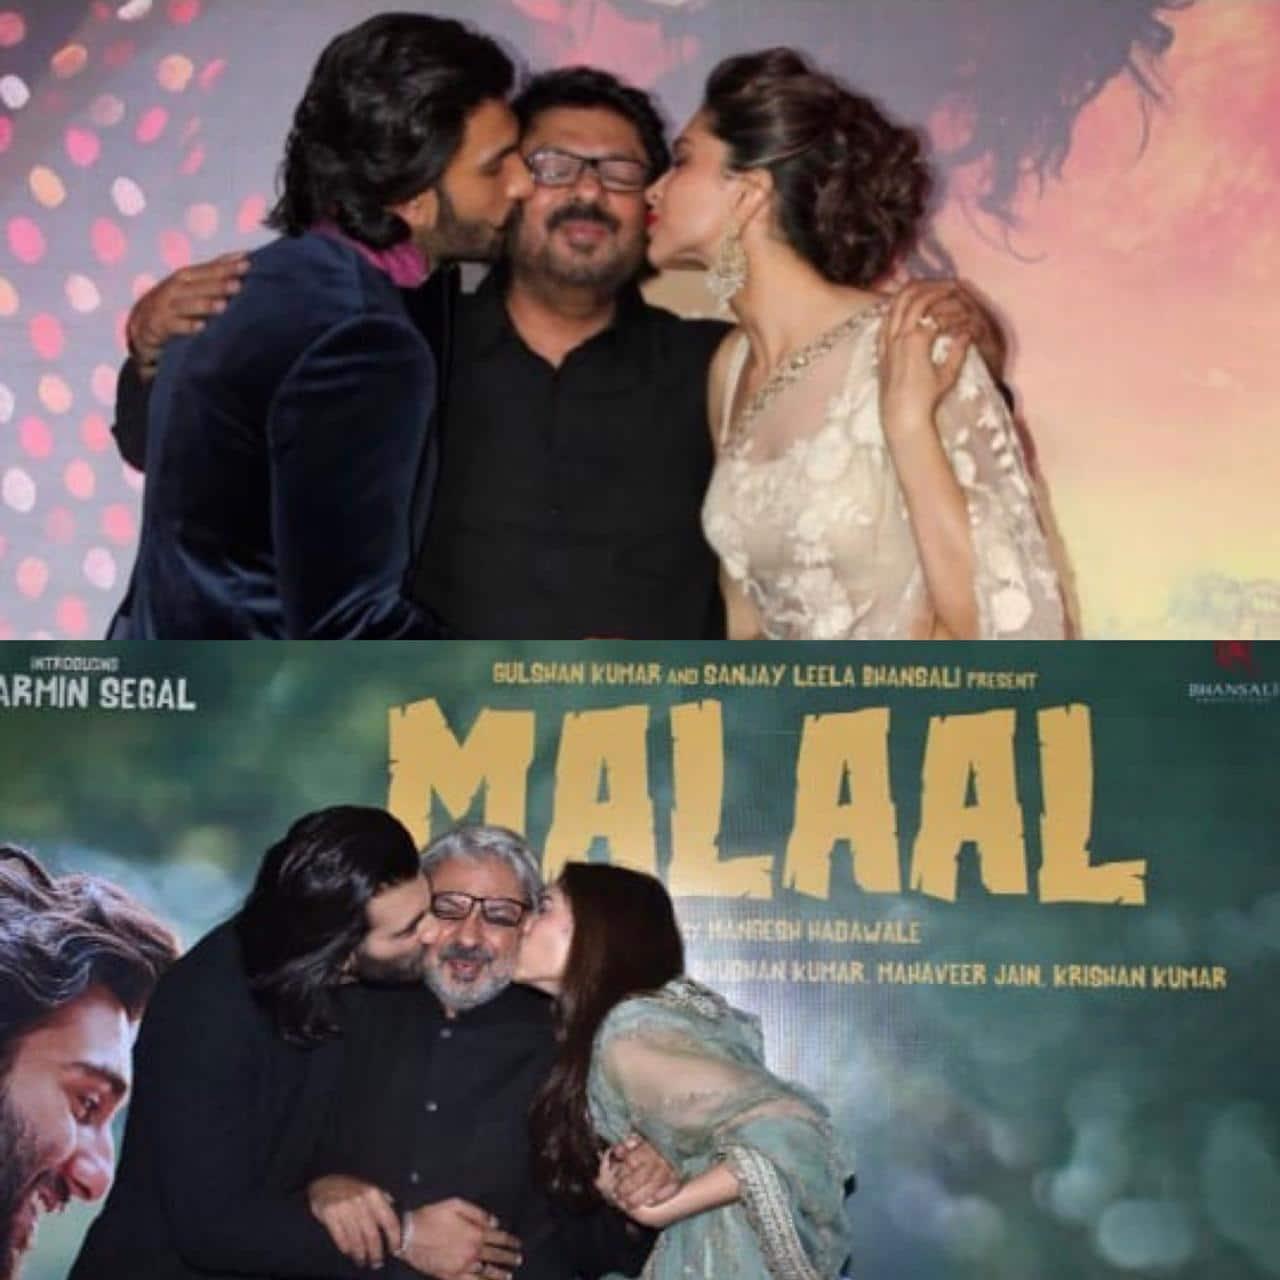 Sanjay Leela Bhansali's Protégés Sharmin Segal And Meezaan Set To Mesmerize In Malaal